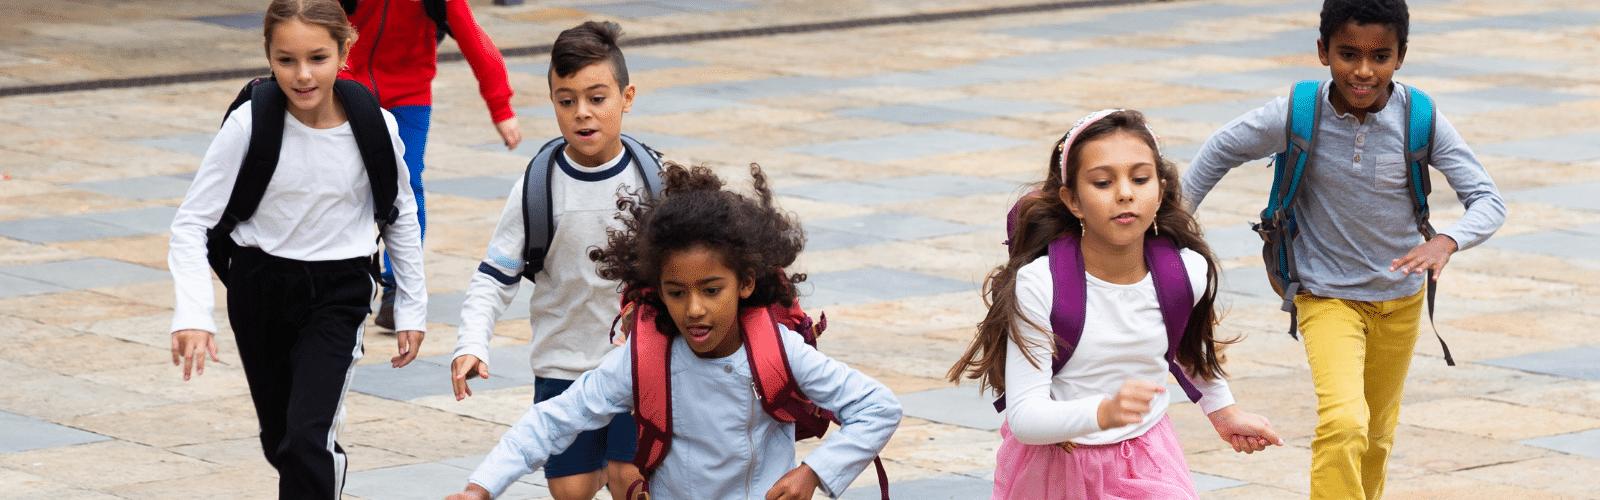 Garde périscolaire : quels avantages pour vos enfants ?